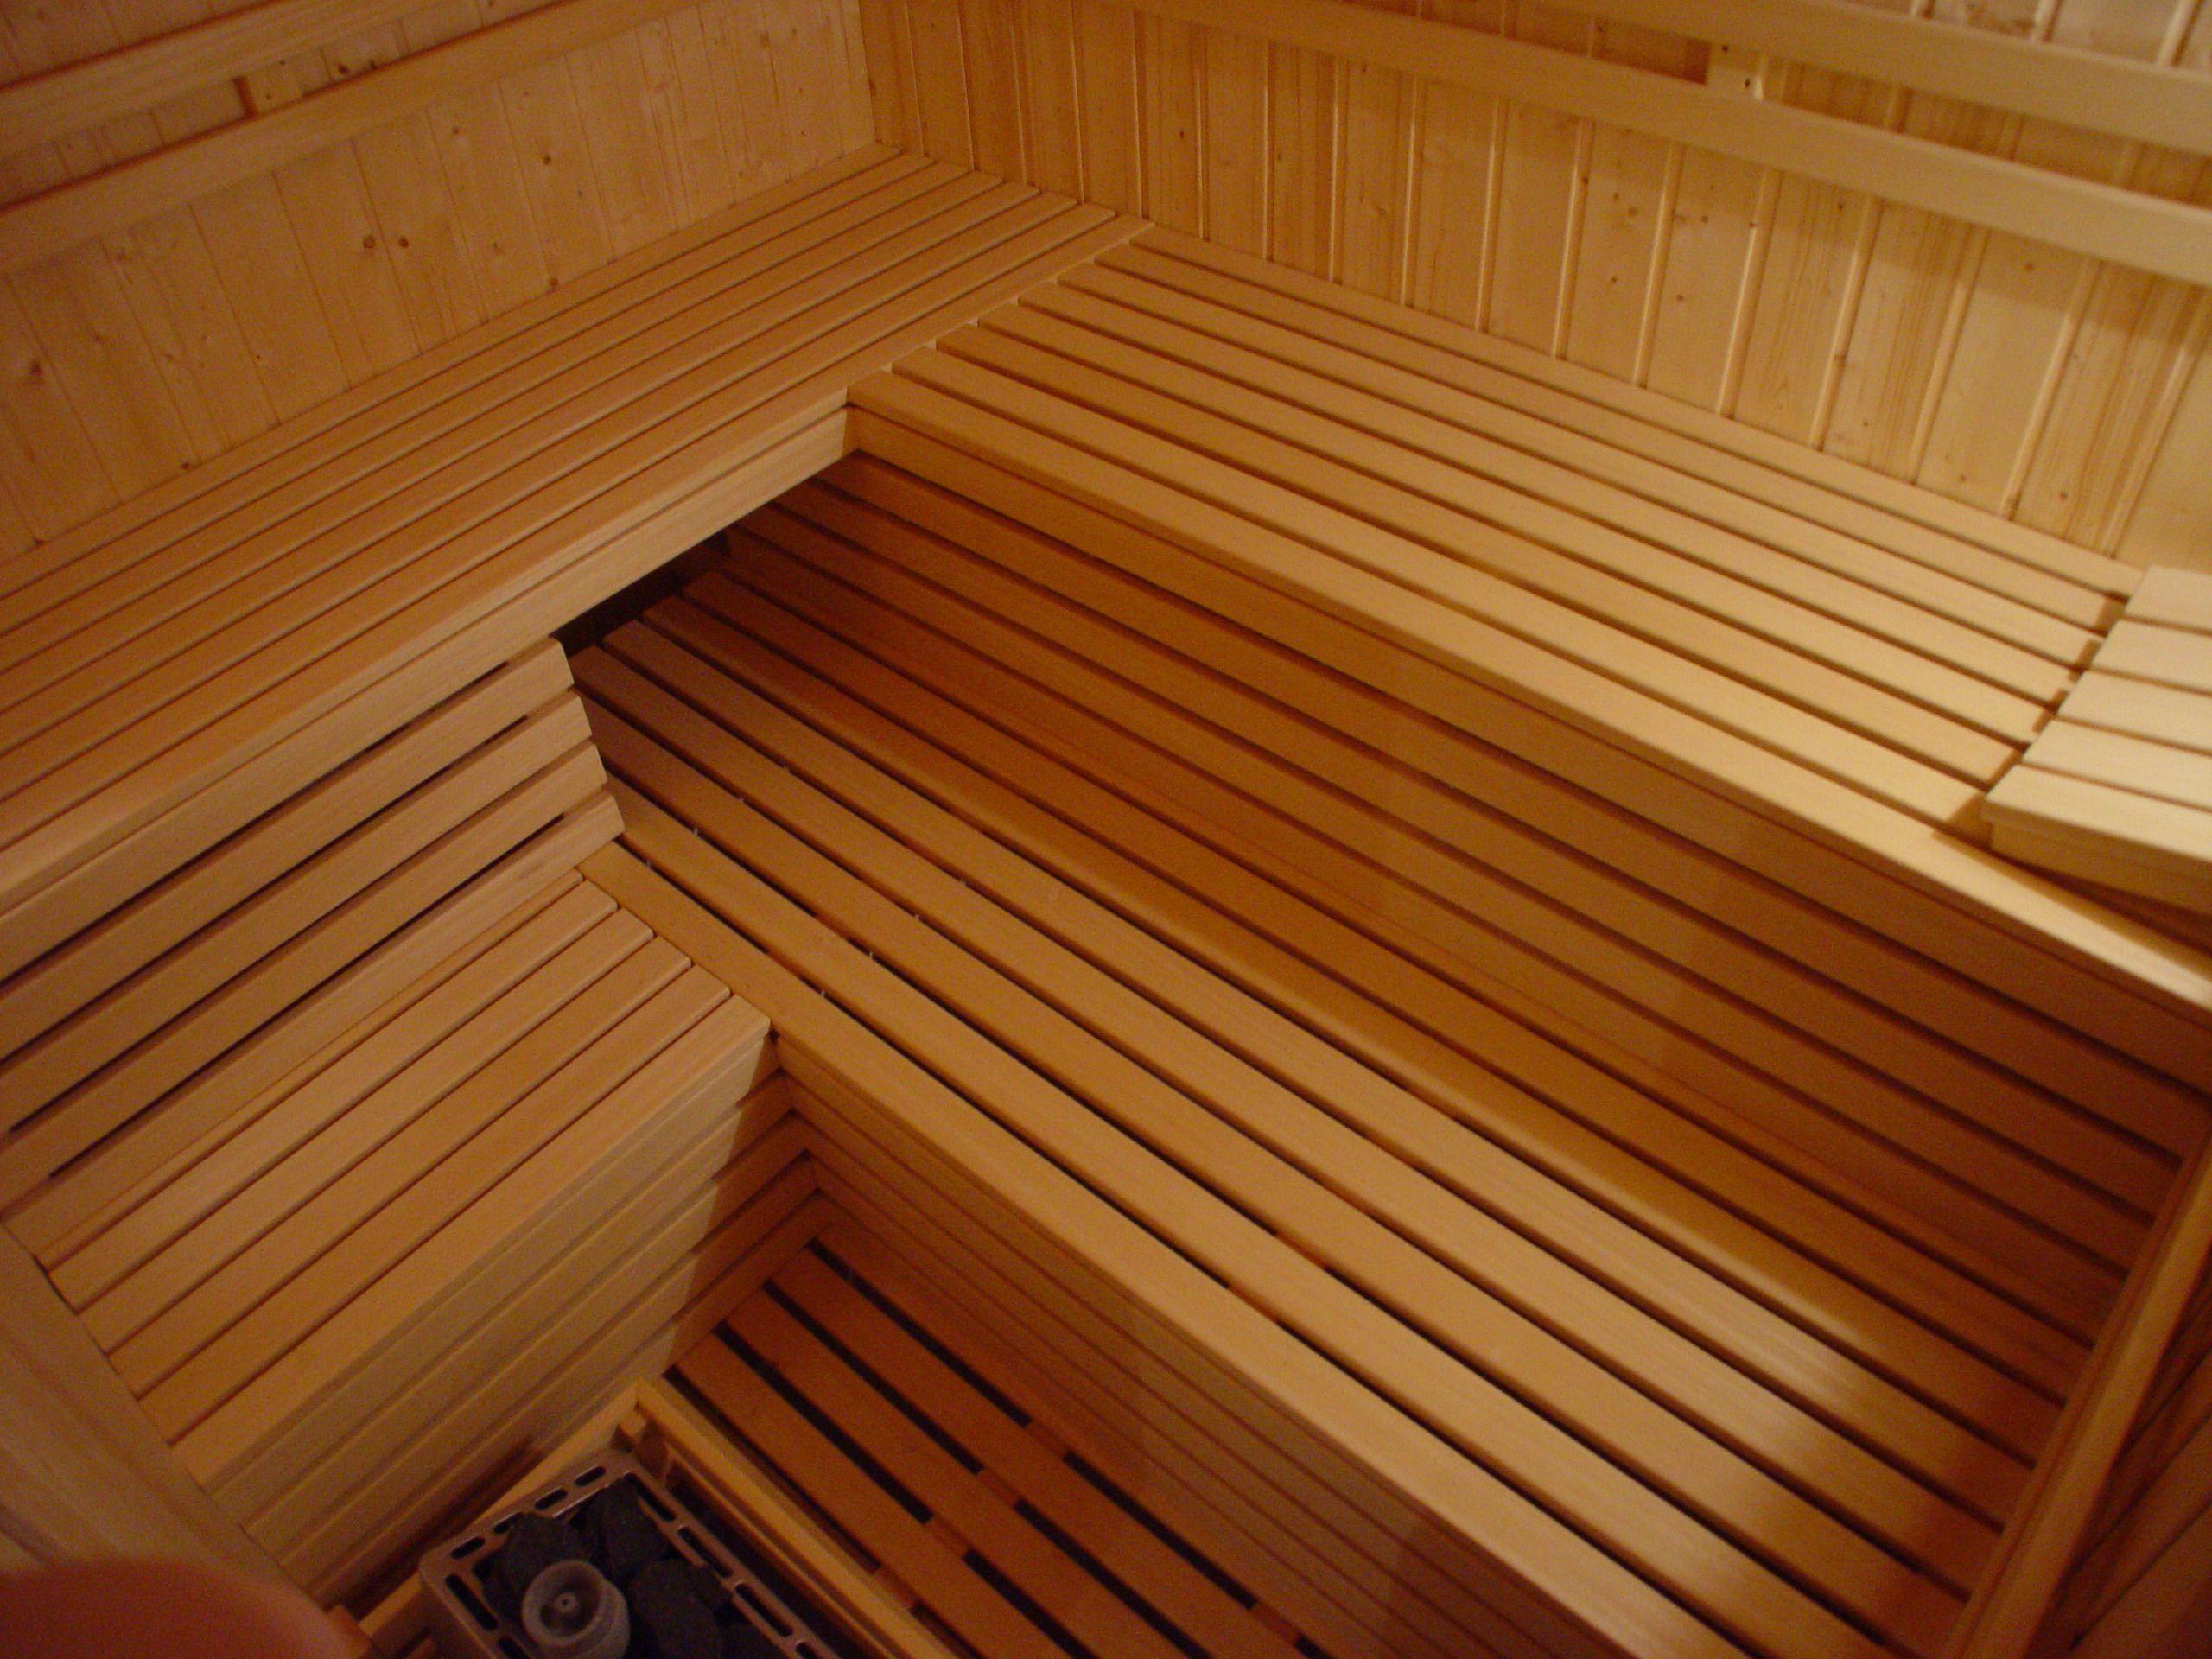 Full Size of Sauna Selber Bauen Pin Von Silke Sterl Auf In 2020 Fenstergriffe Fenster Einbauen Neue Regale Garten Bodengleiche Dusche Nachträglich Küche Planen Boxspring Wohnzimmer Sauna Selber Bauen